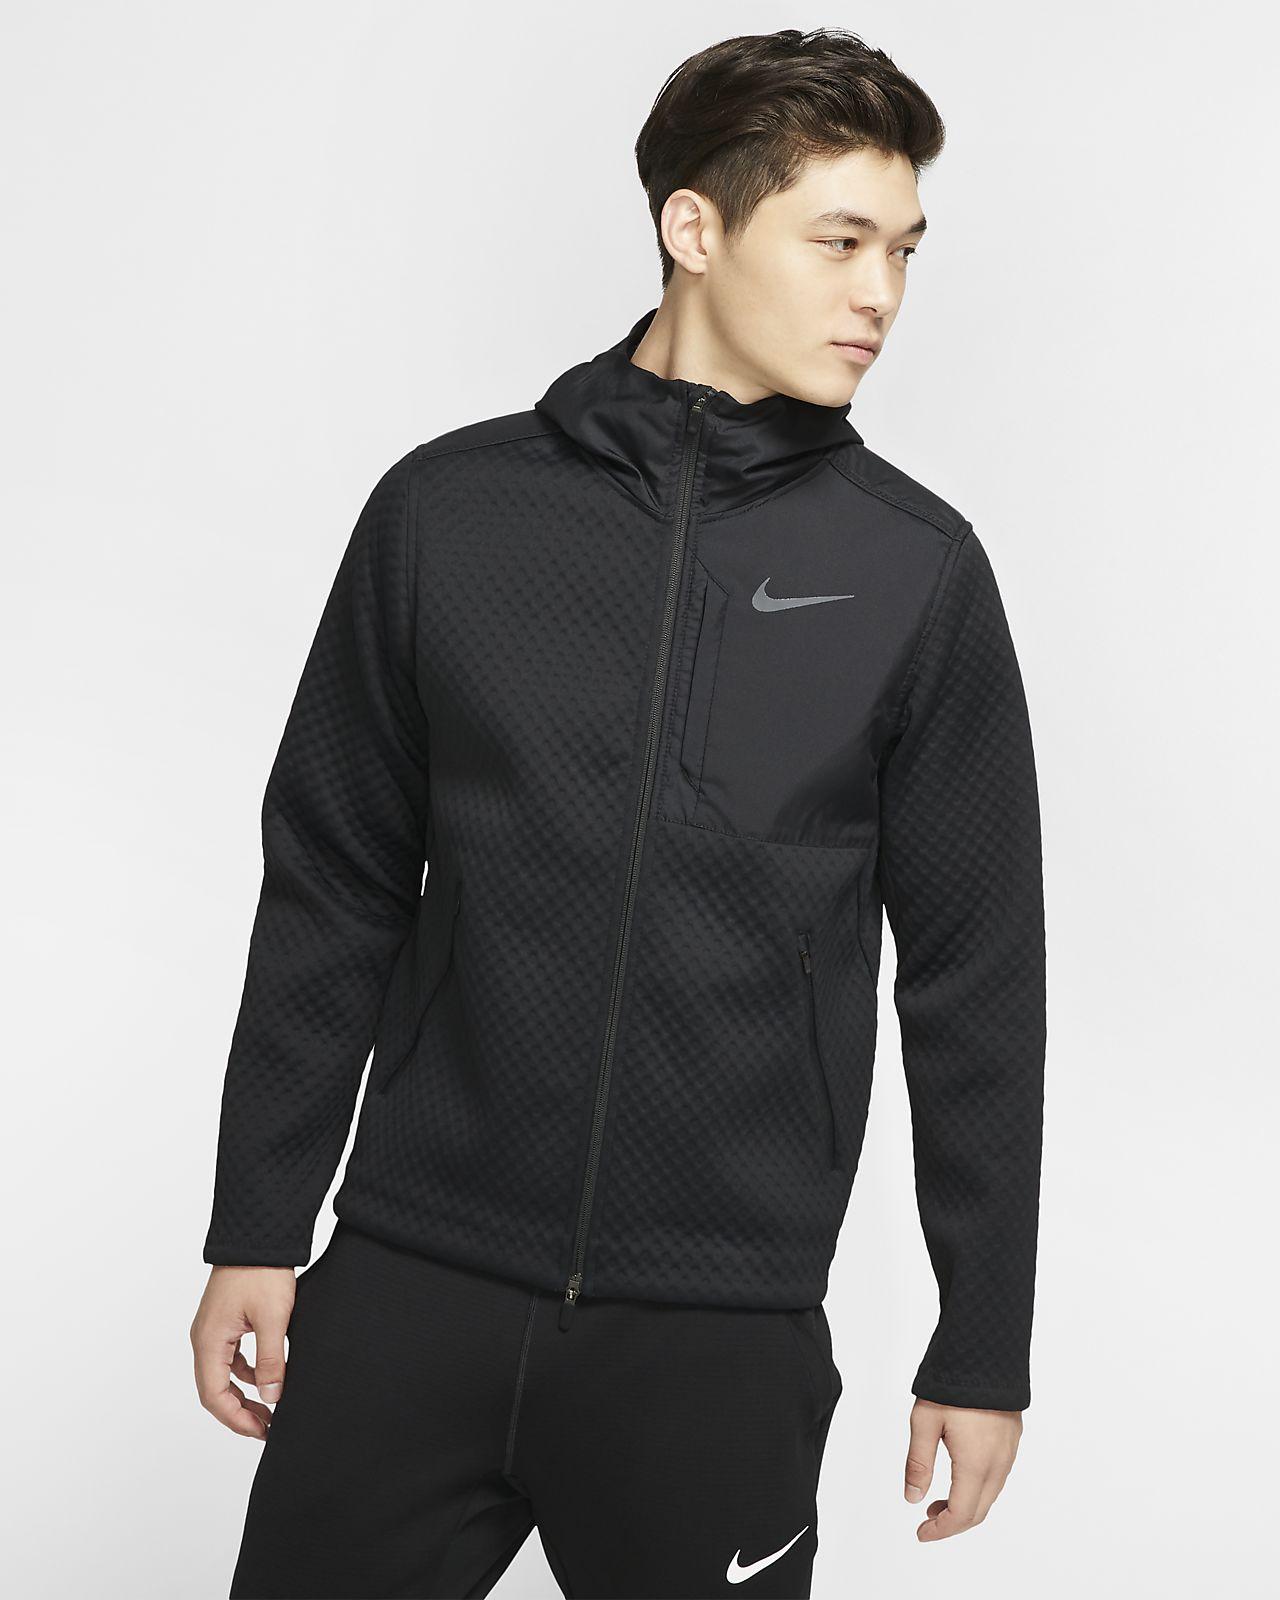 Pánská tréninková bunda Nike Therma s kapucí a zipem po celé délce